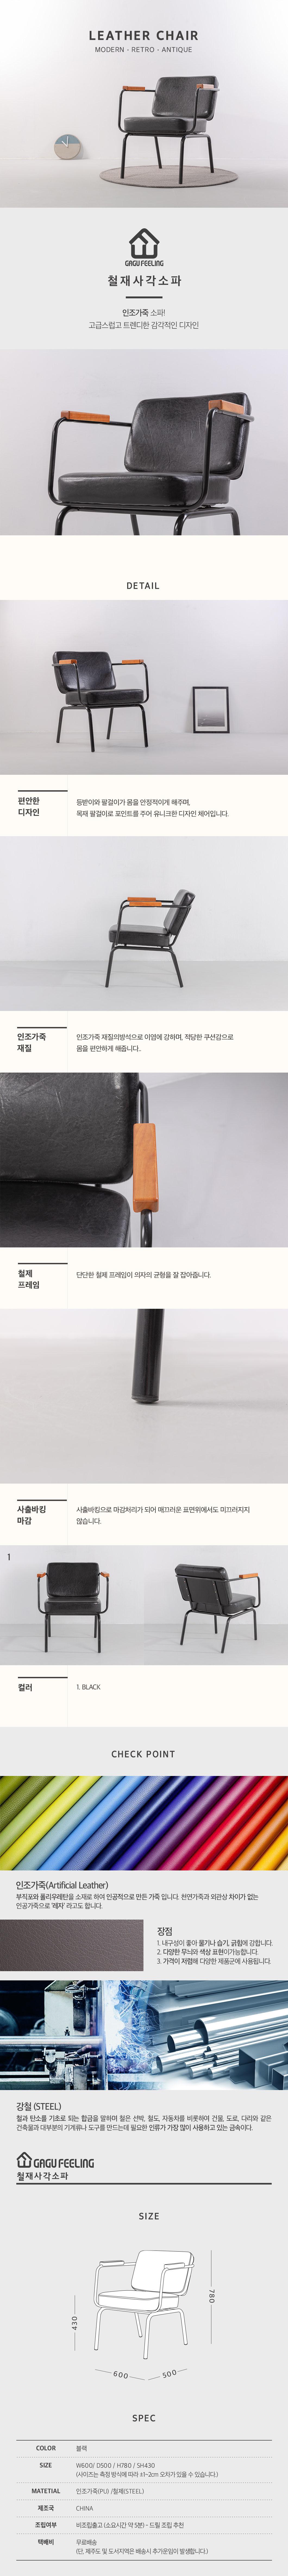 [가구느낌] 철재사각소파 1+1 카페 디자인의자 - 가구느낌, 100,000원, 디자인 의자, 스틸의자